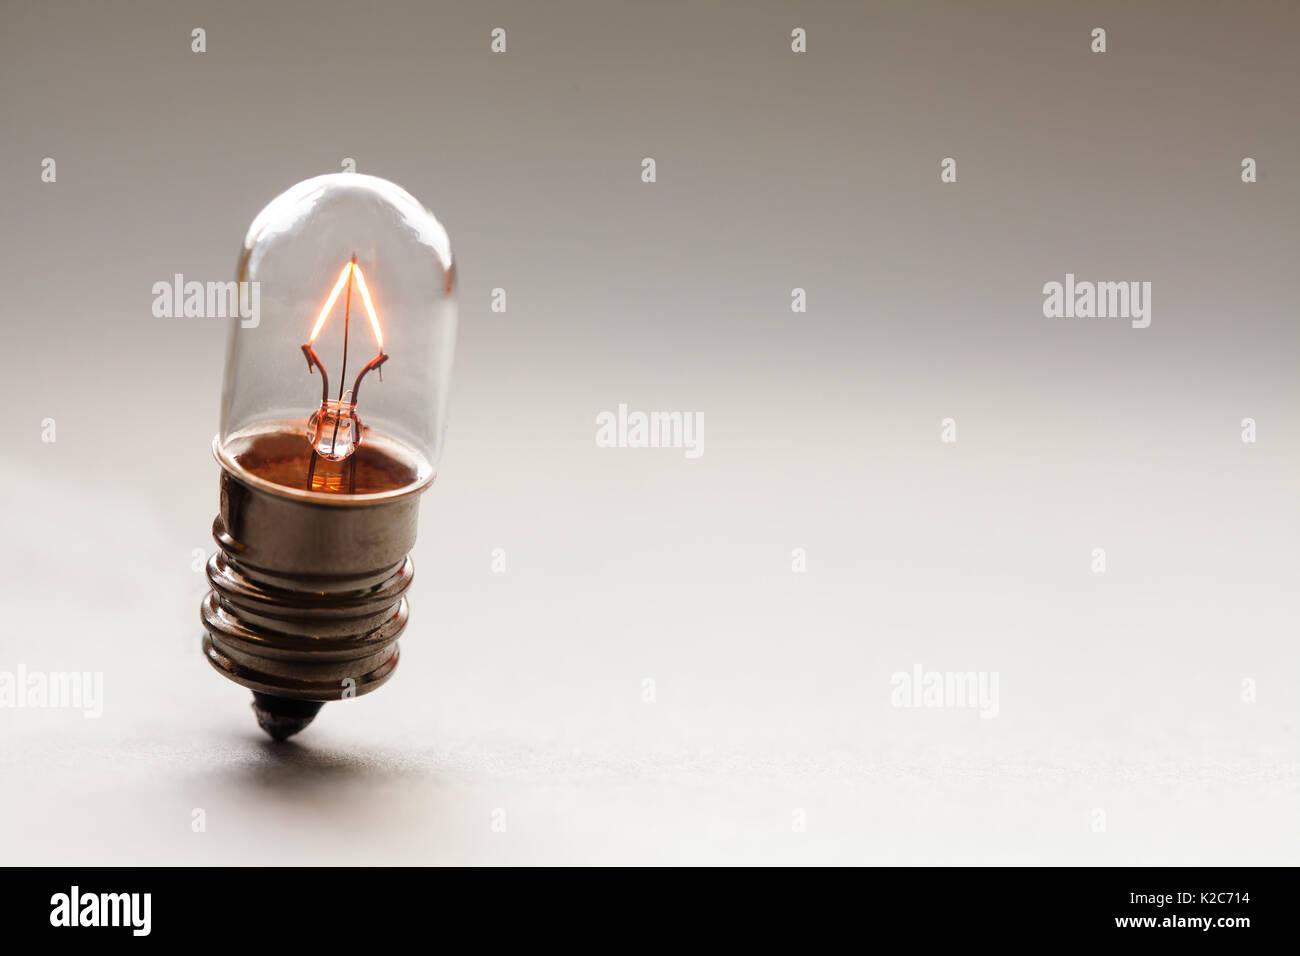 Leuchtende Glühbirne, Retro Style Glühlampe Makro anzeigen. Warme Farben gradient Hintergrund. Soft Focus. Platz kopieren Stockbild